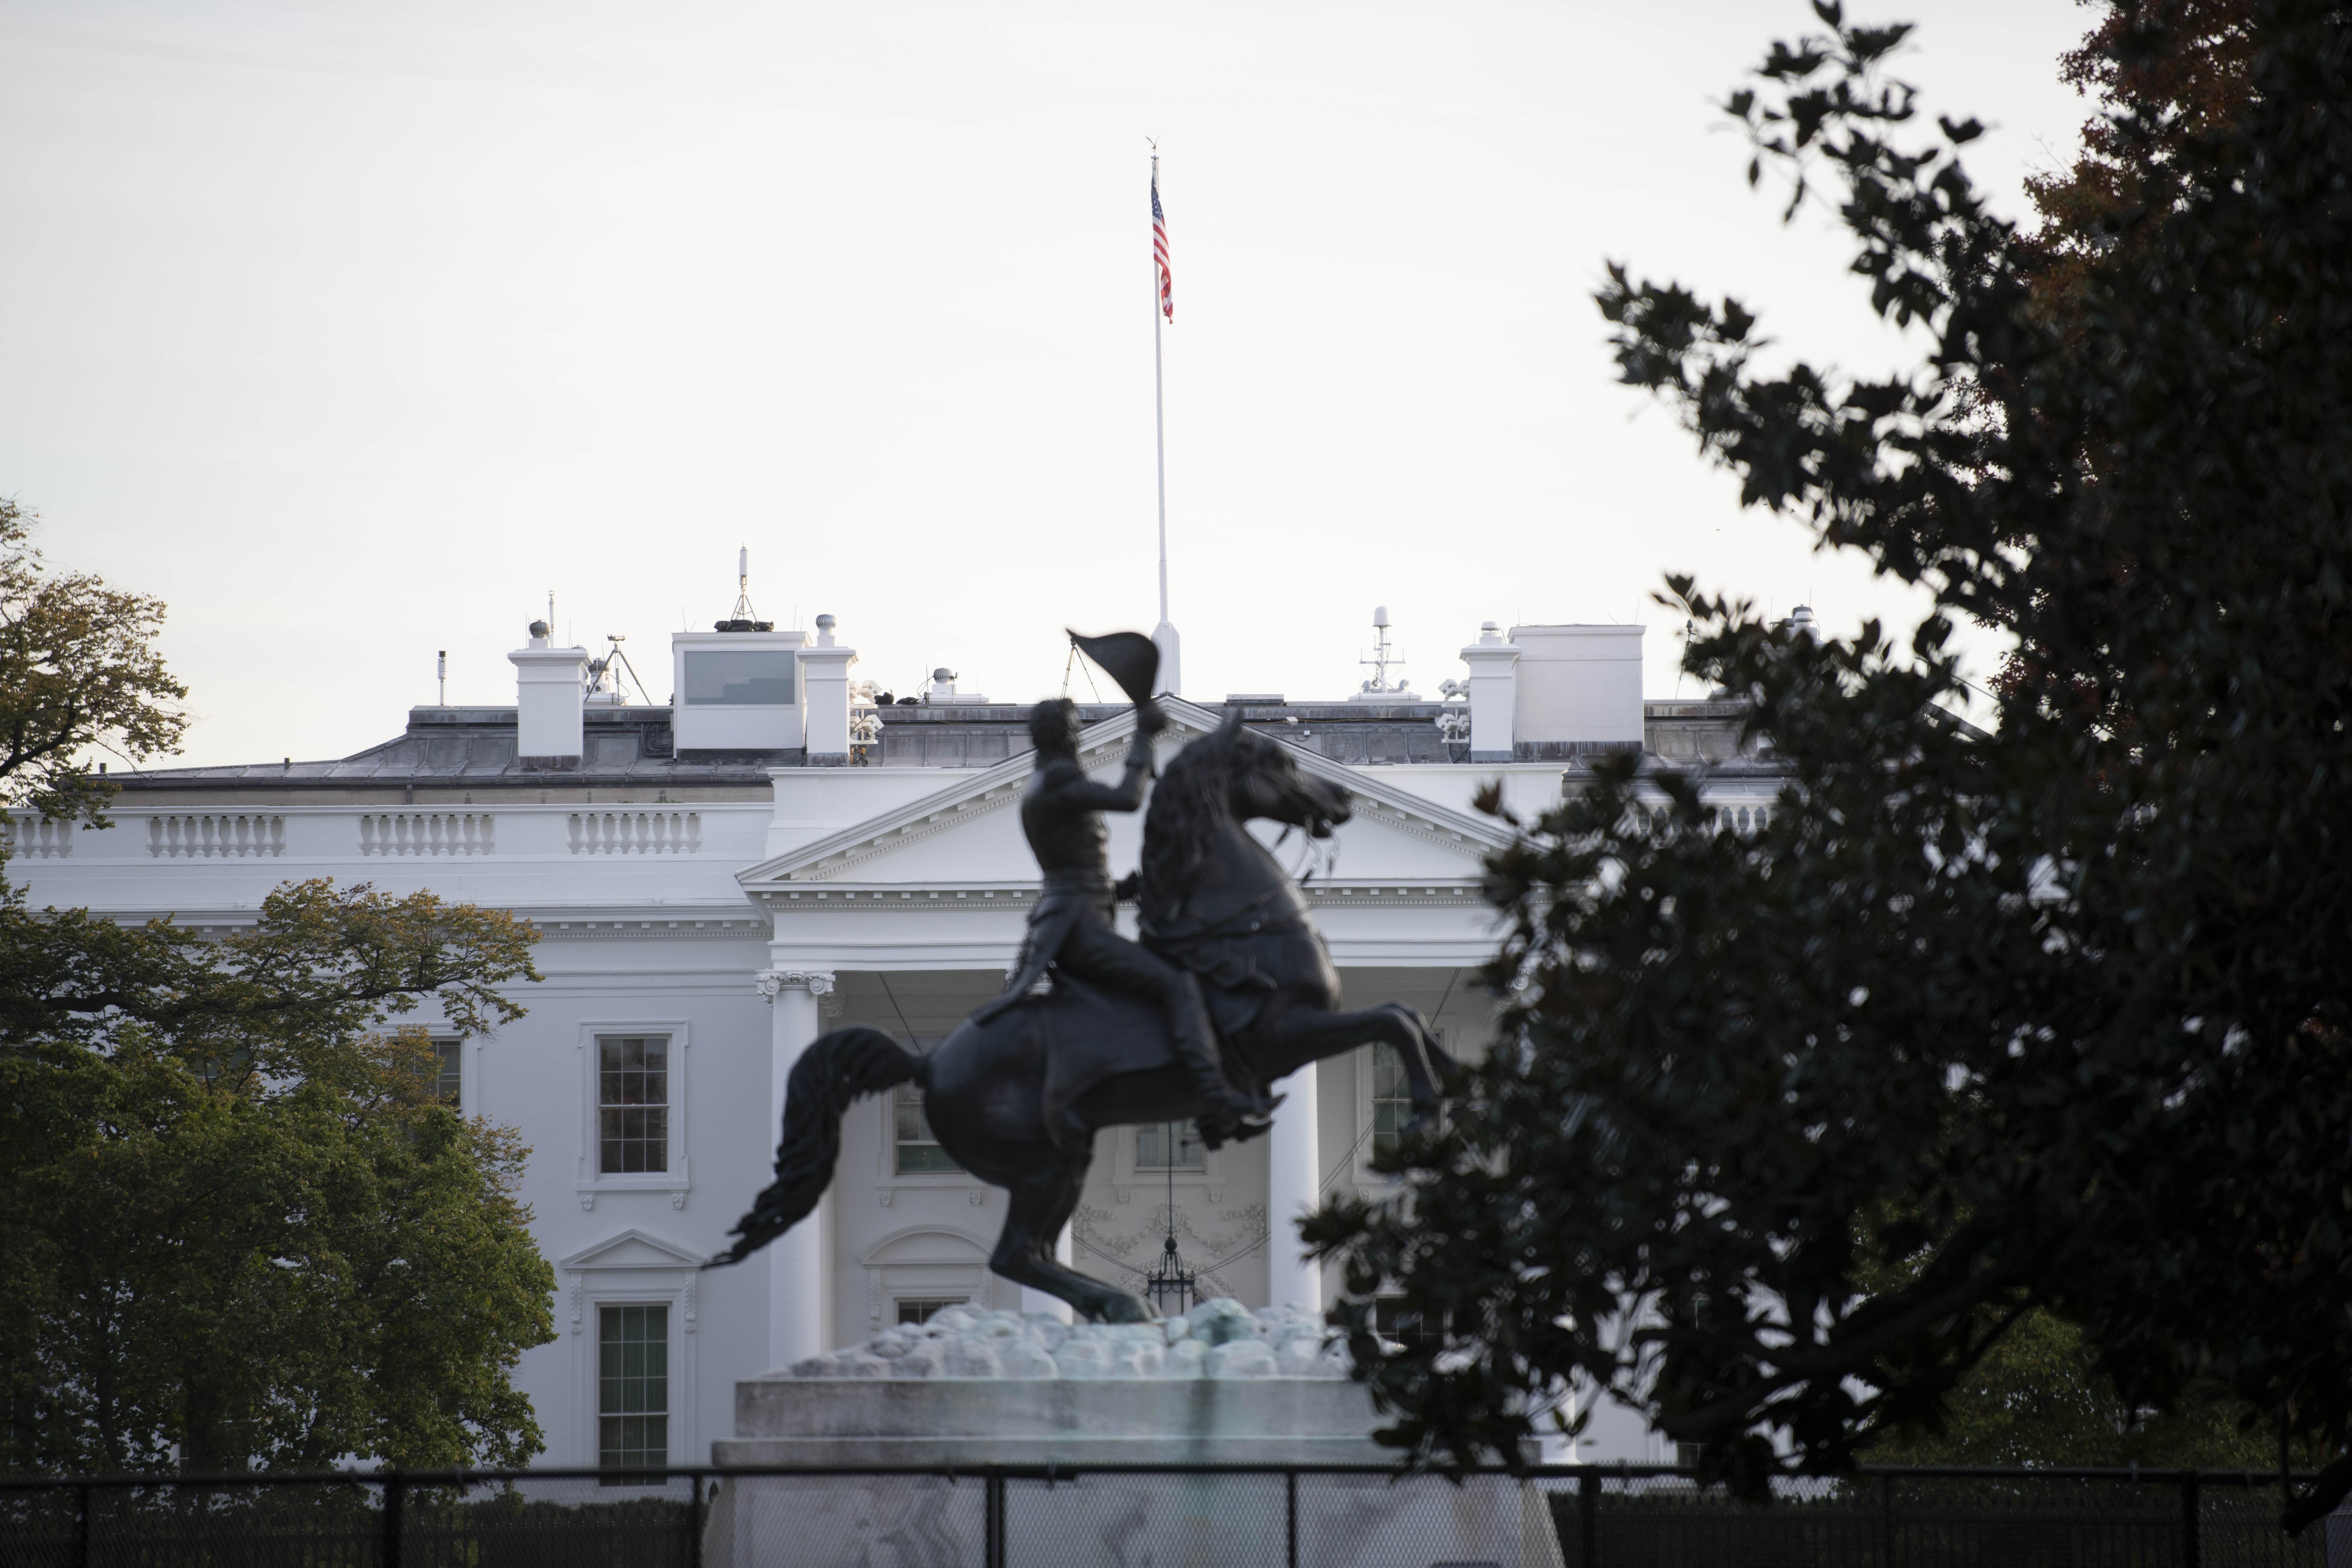 Quang cảnh bên ngoài Nhà Trắng của Mỹ ở thủ đô Washington DC., ngày 5/11/2020. (Ảnh: THX/TTXVN)